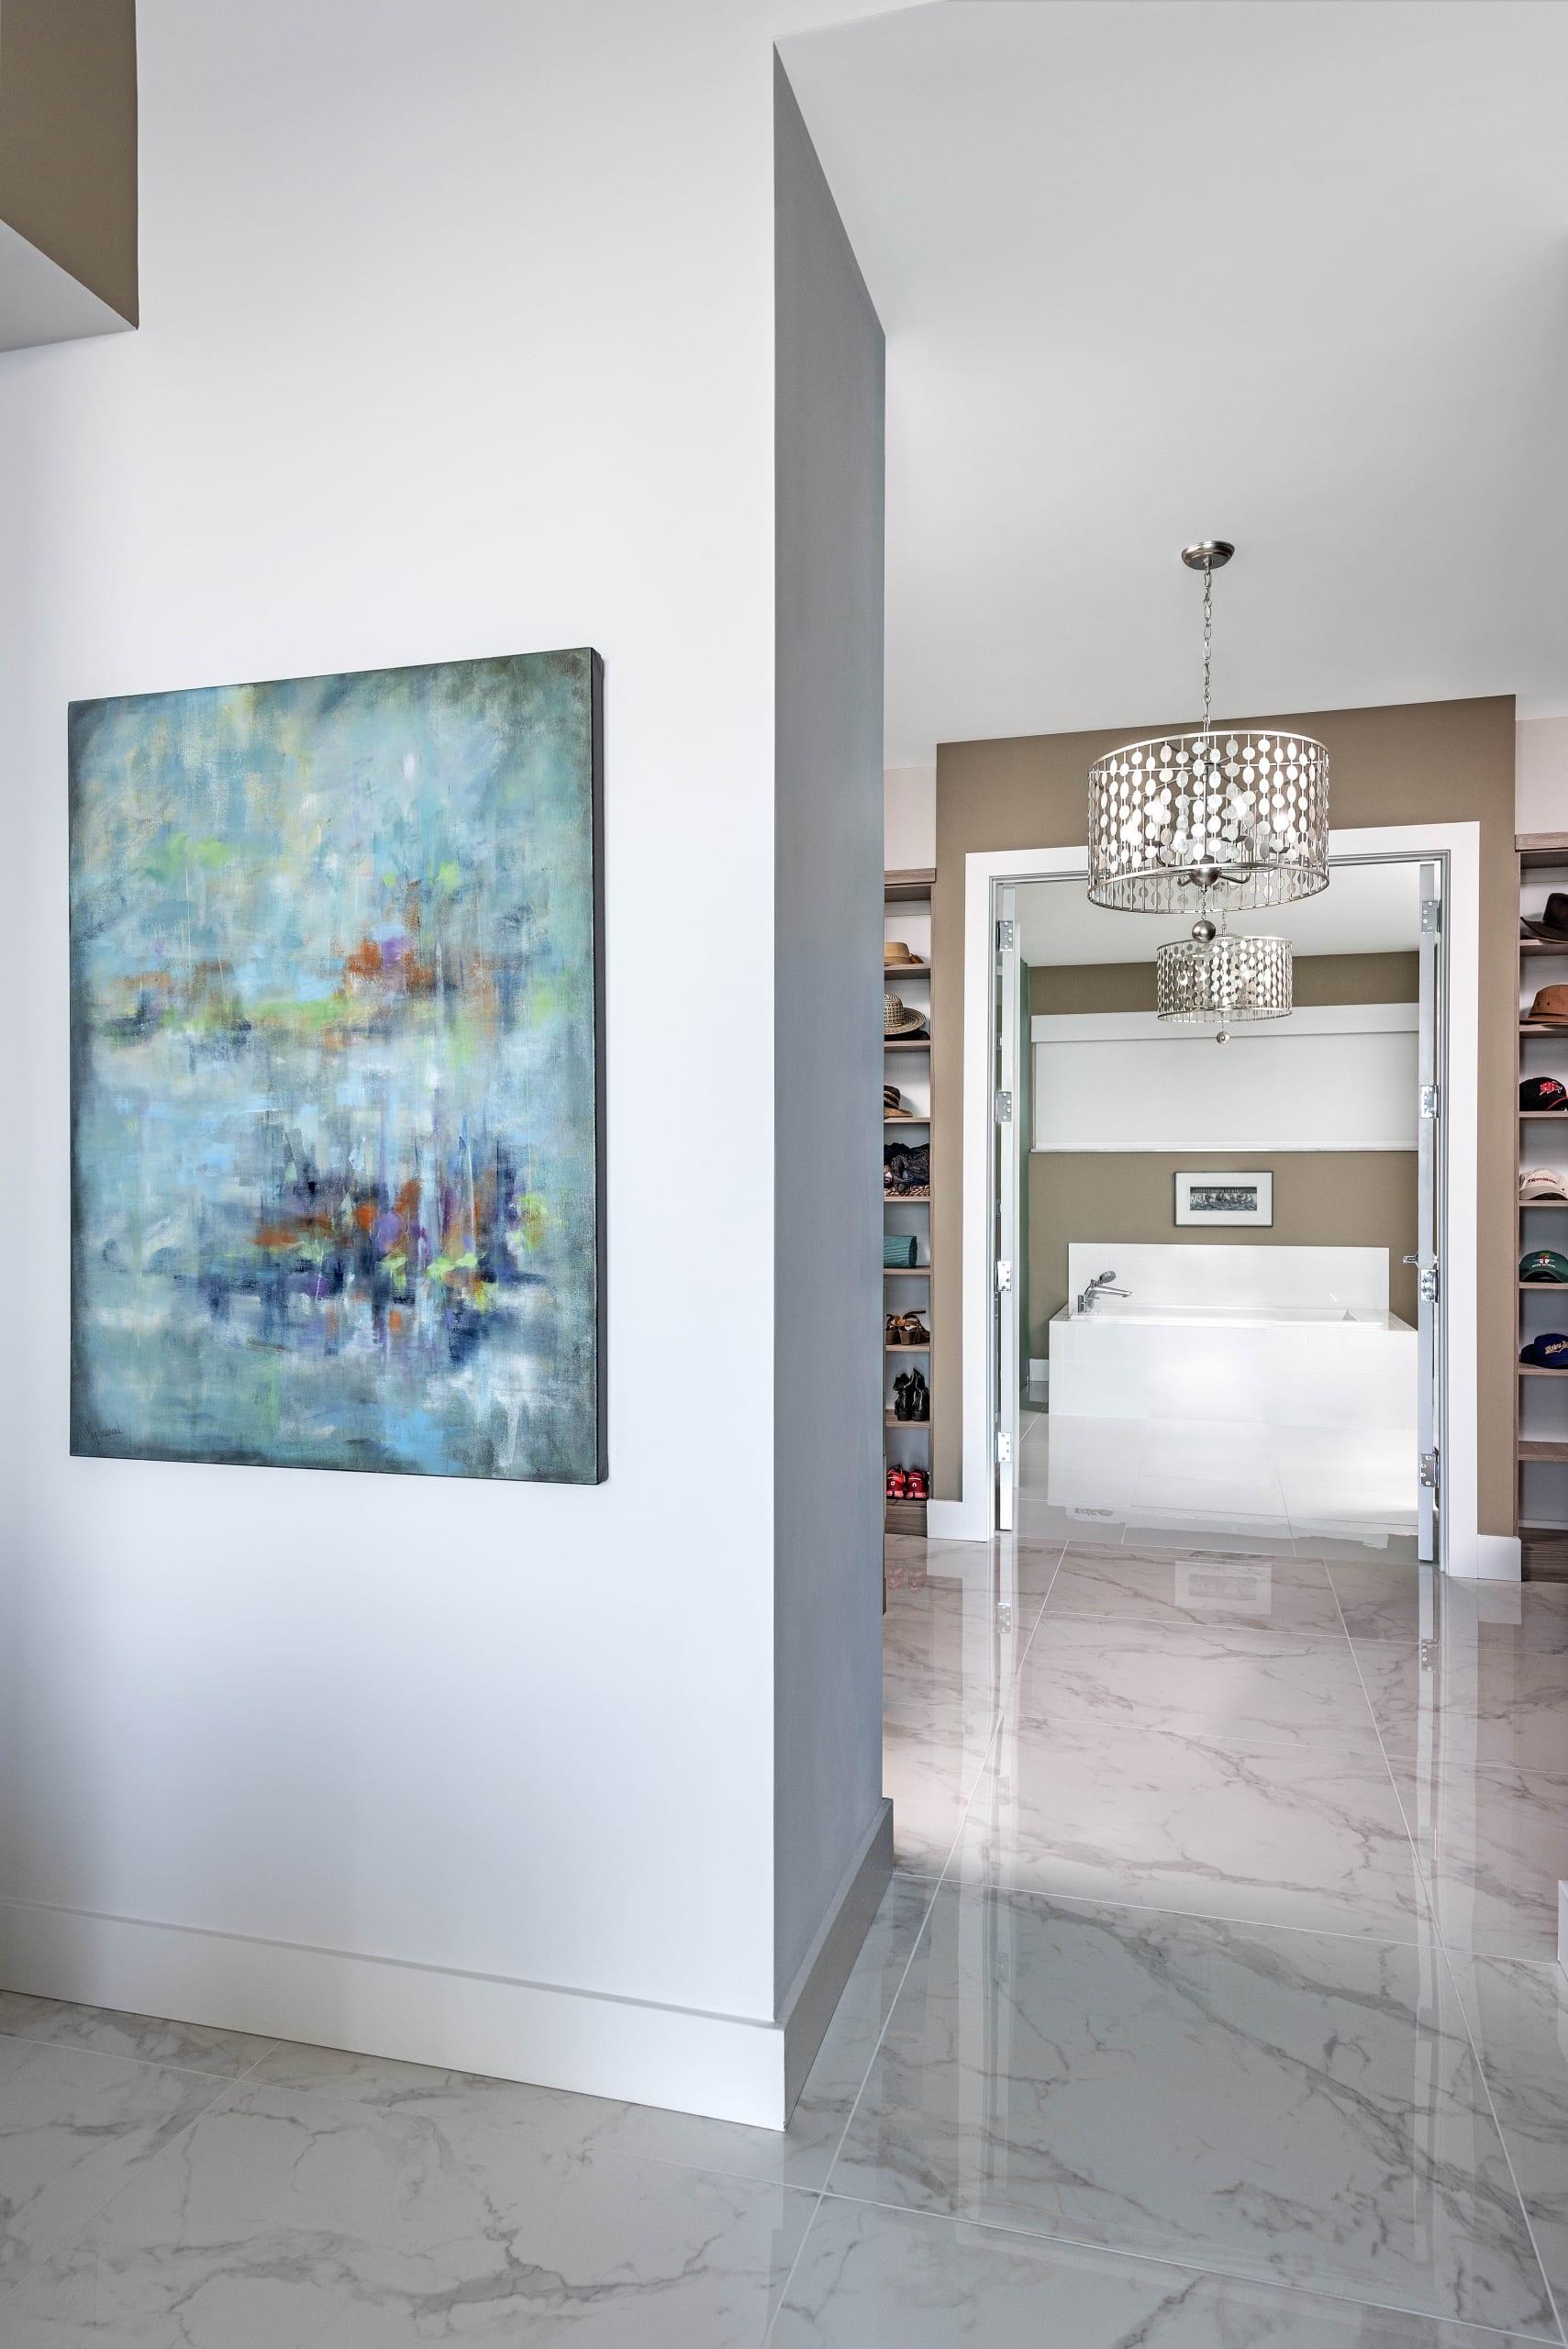 Meg Krakoviac Cyan Turquoise Painting Walk In Wardrobe Bathroom En Suite